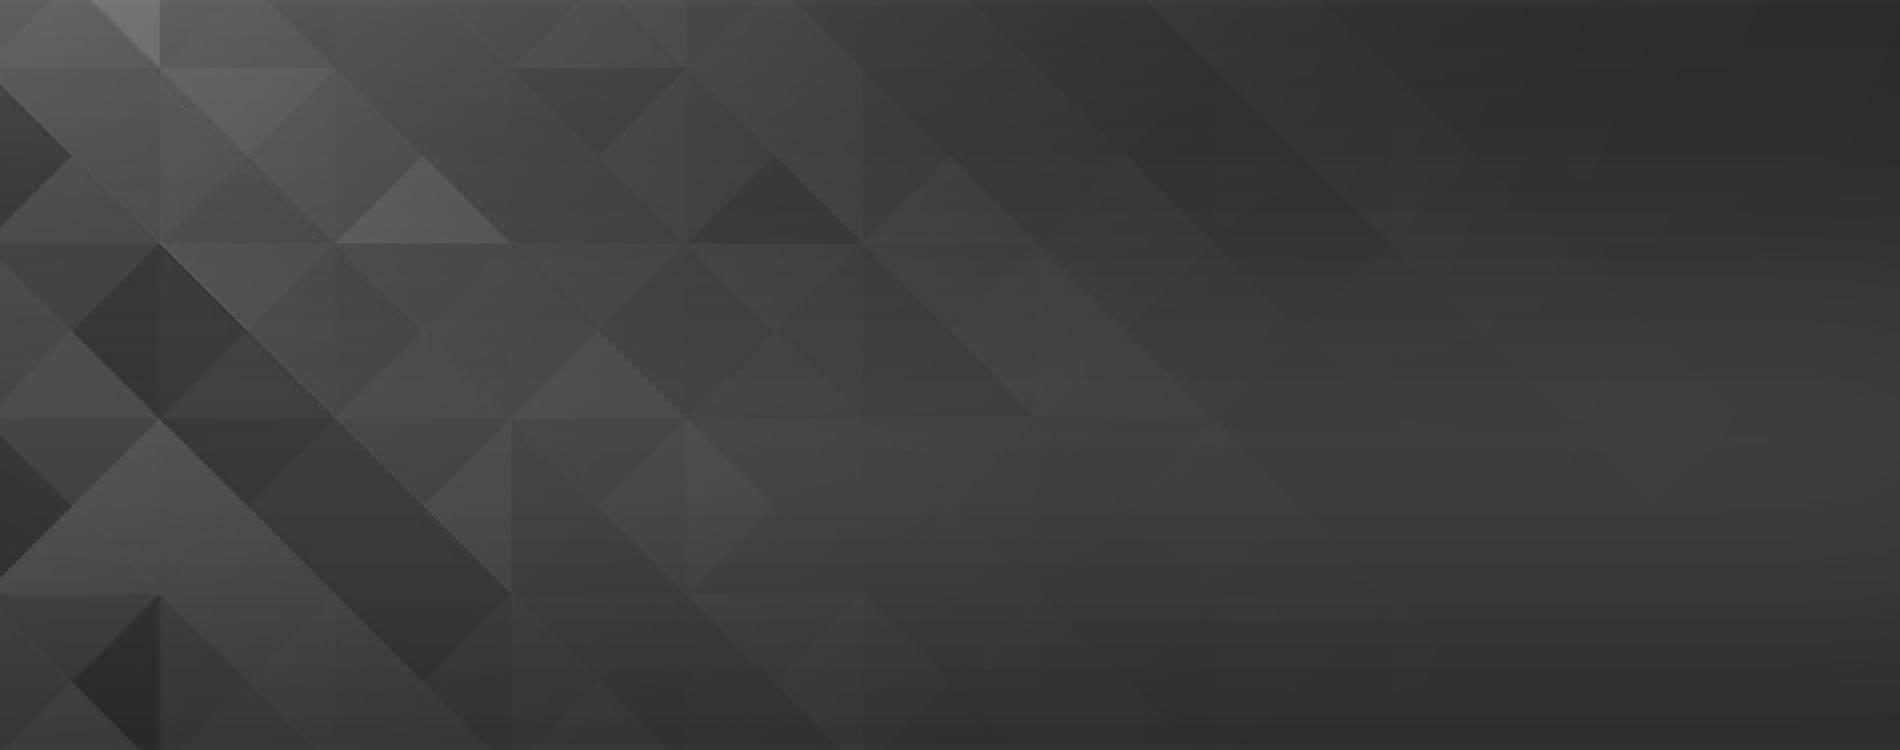 fundo-preto-quadriculado